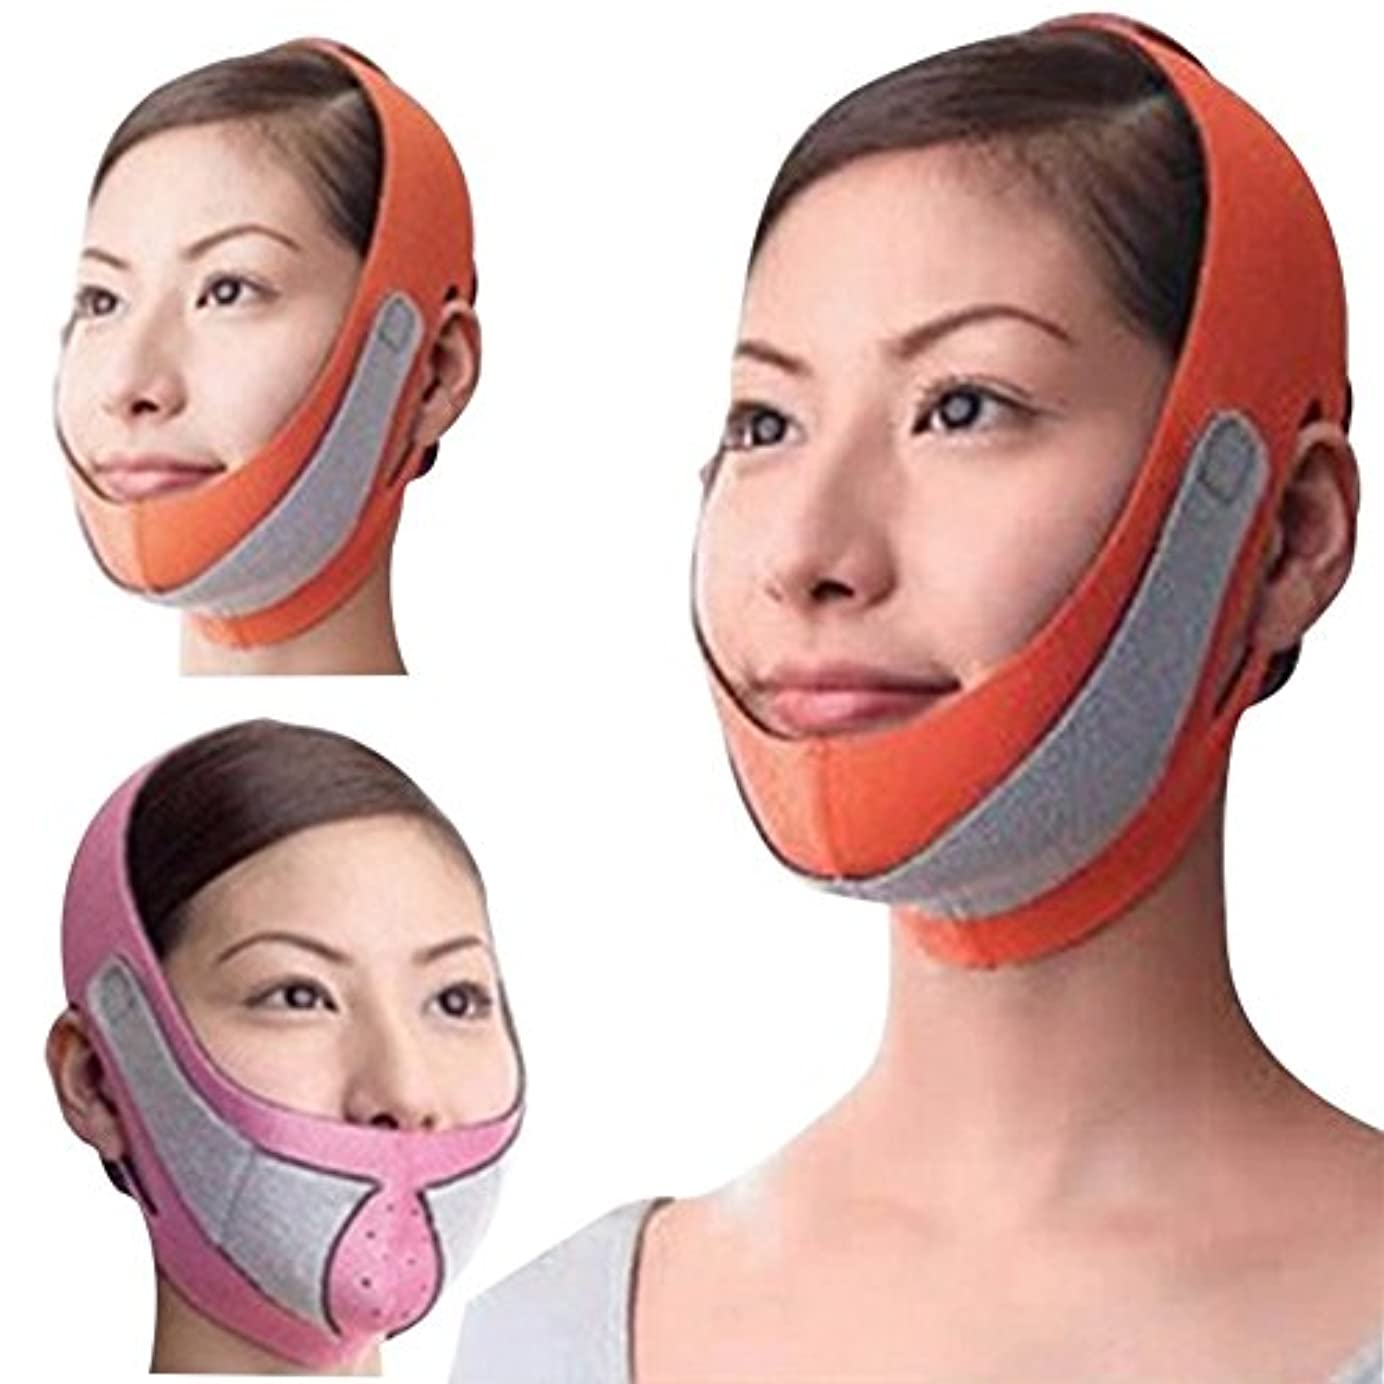 吸収湿原安らぎRemeehi 引き上げマスク 頬のたるみ 額 顎下 頬リフトアップ ピンク グレー 弾力V-ラインマスク 引っ張る リフティング フェイス リフトスリムマスク 美容 フェイスマスク ピンク